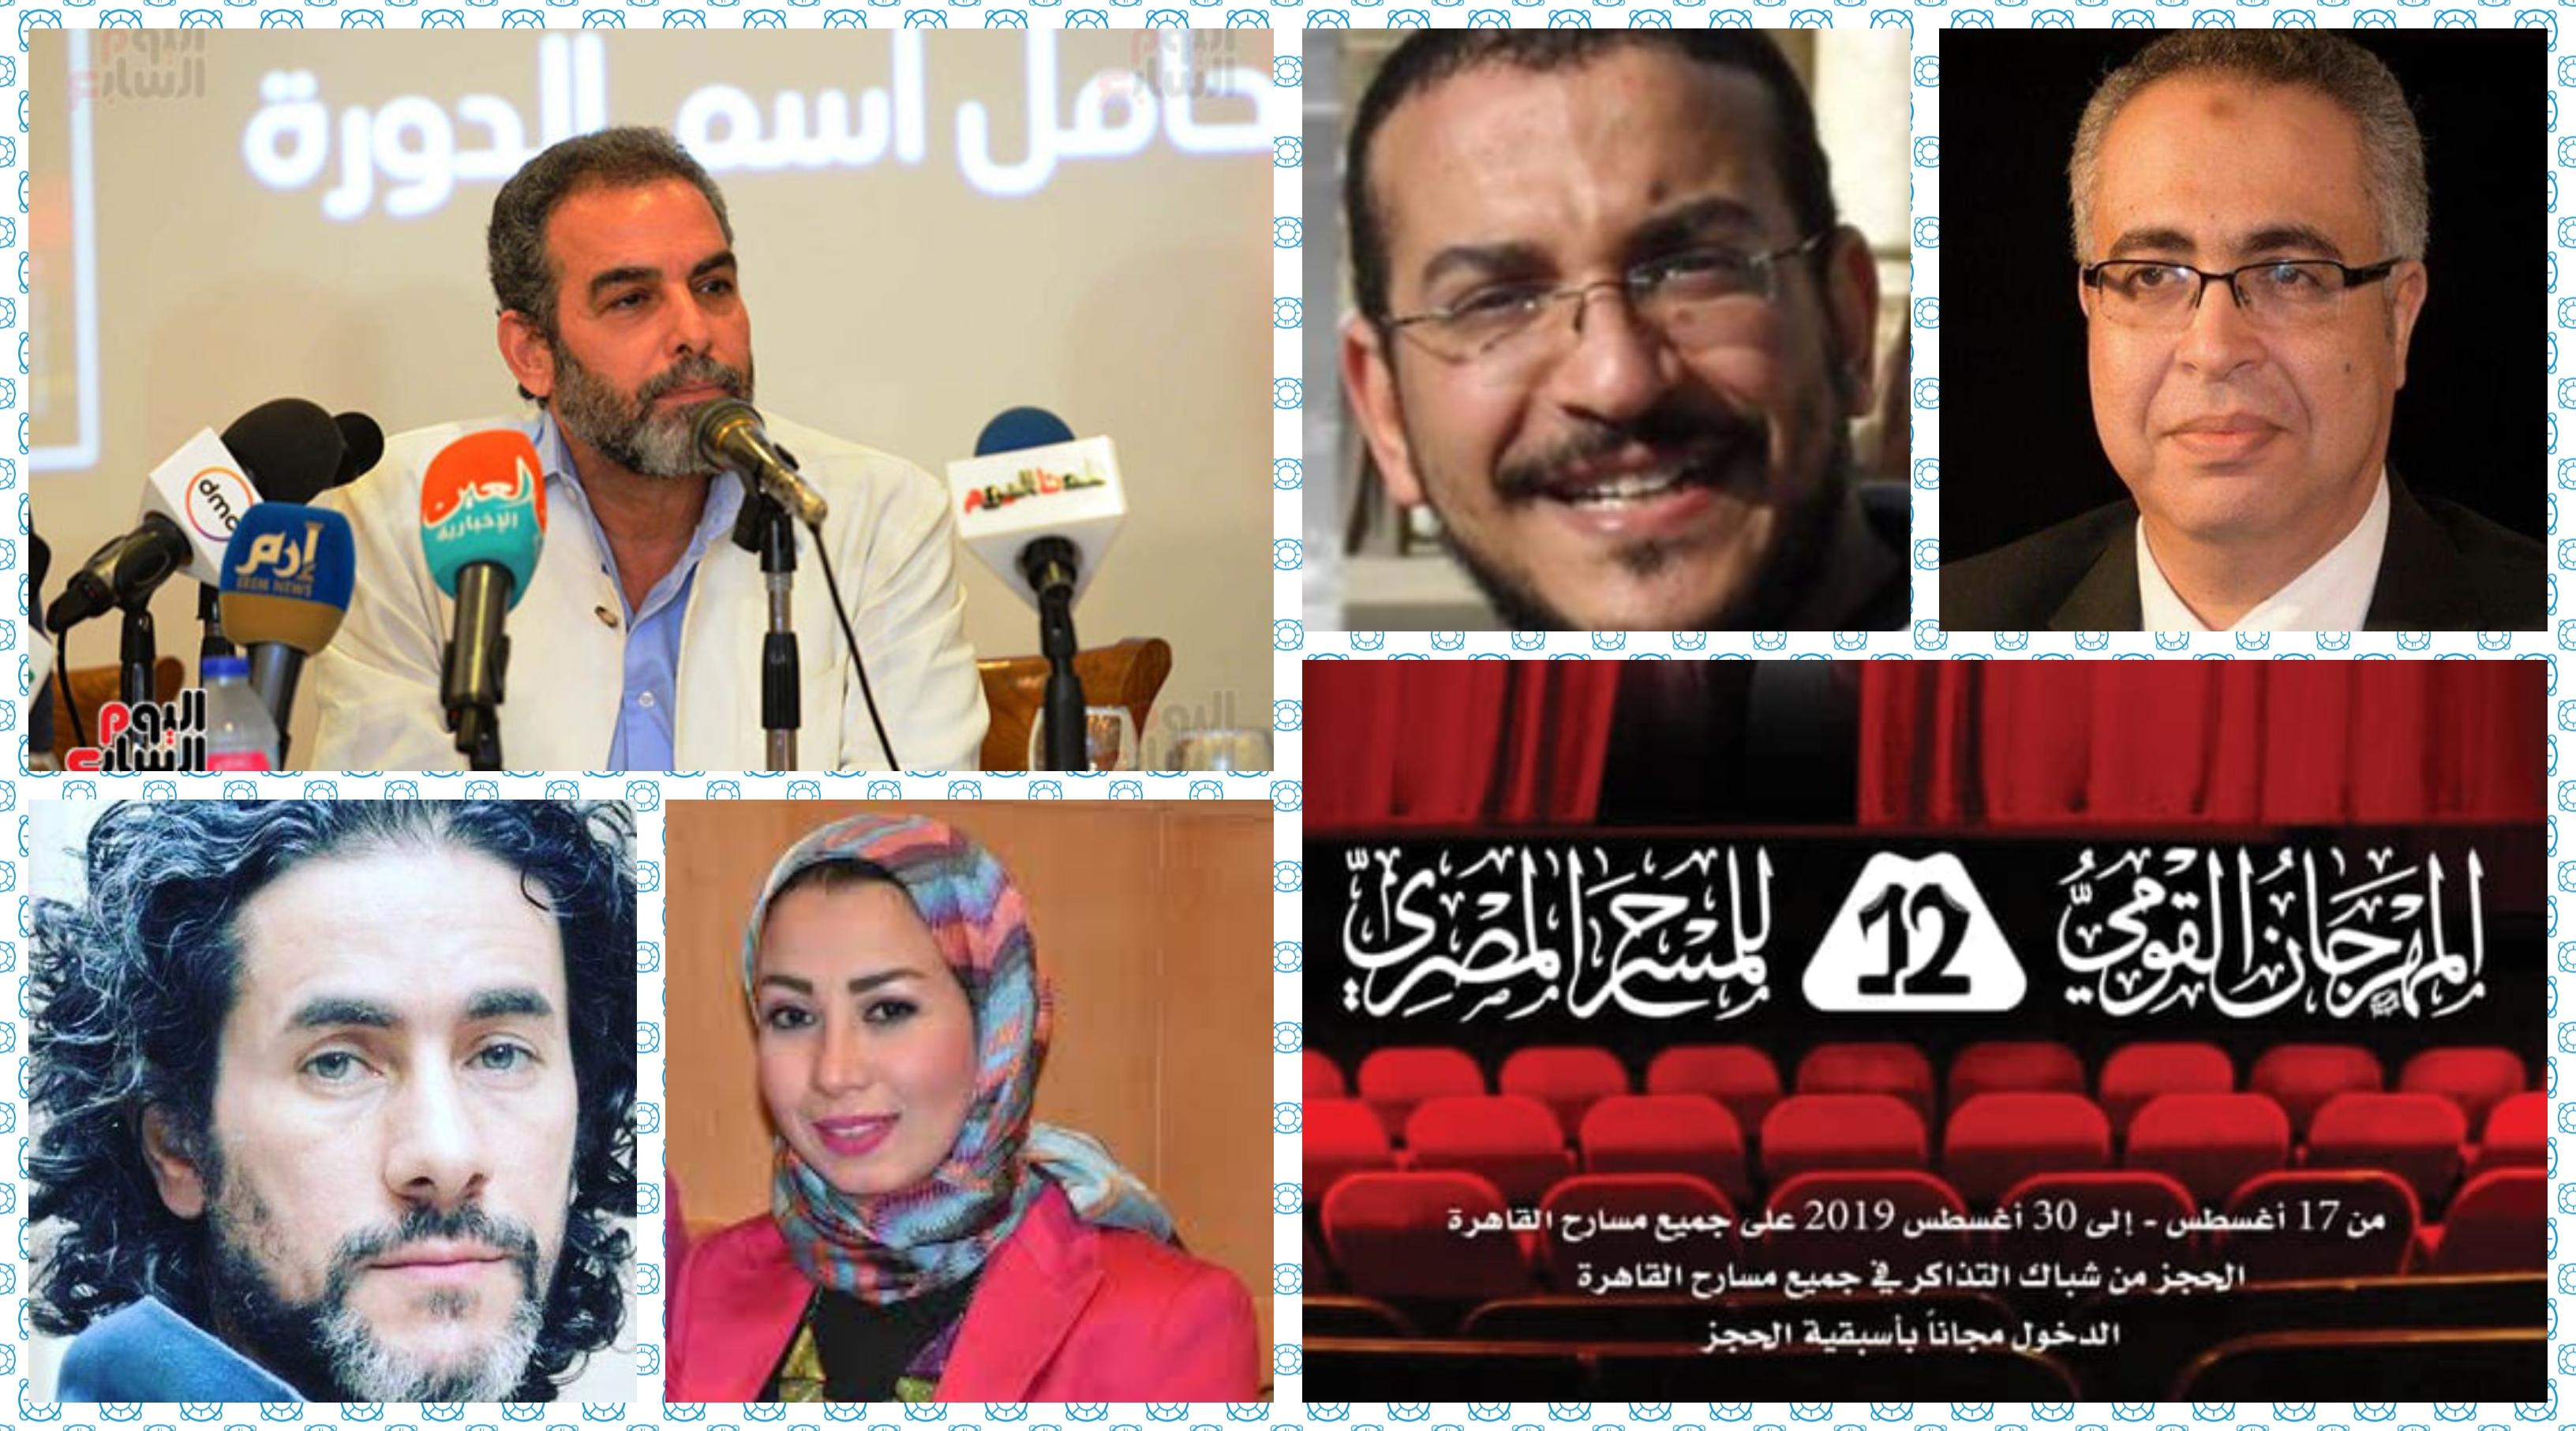 ندوة إدارة المهرجان القومي للمسرح المصري